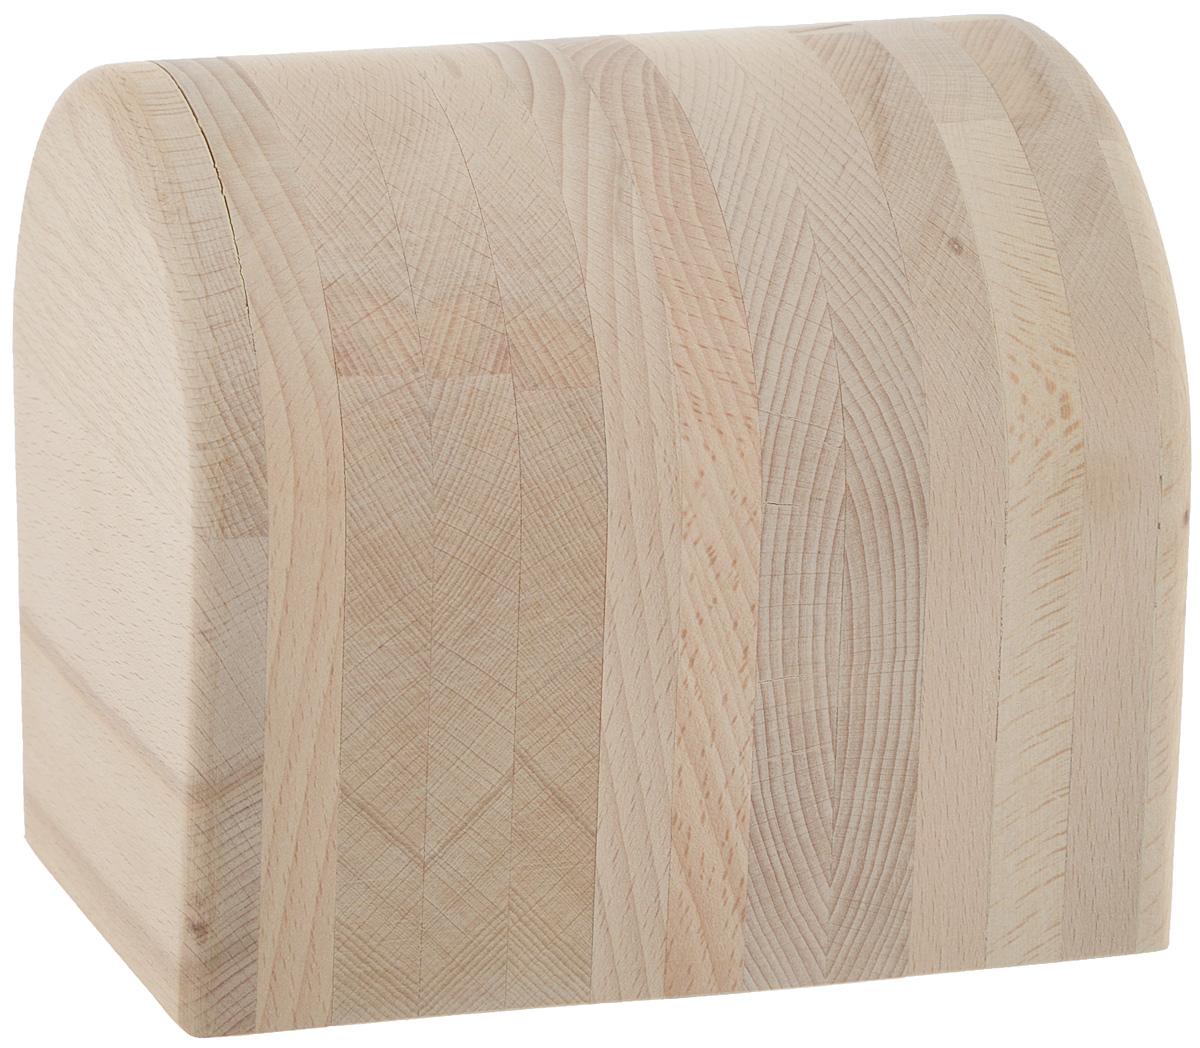 Колодка портновская Окат мужской. OK11520GC013/00Портновская колодка Окат мужской подходит для глажки манжет, плечевых швов и оката рукава. Изделие выполнено из древесины бука. Влажно-тепловая обработка имеет большое значение в улучшении качества швейных изделий и их внешнего вида. Даже кривую строчку в некоторых случаях можно исправить утюгом. Колодка облегчит утюжку в труднодоступных для утюга местах. Кроме того, твердое холодное дерево быстро впитывает пар и охлаждает ткань, способствуя закреплению формы.